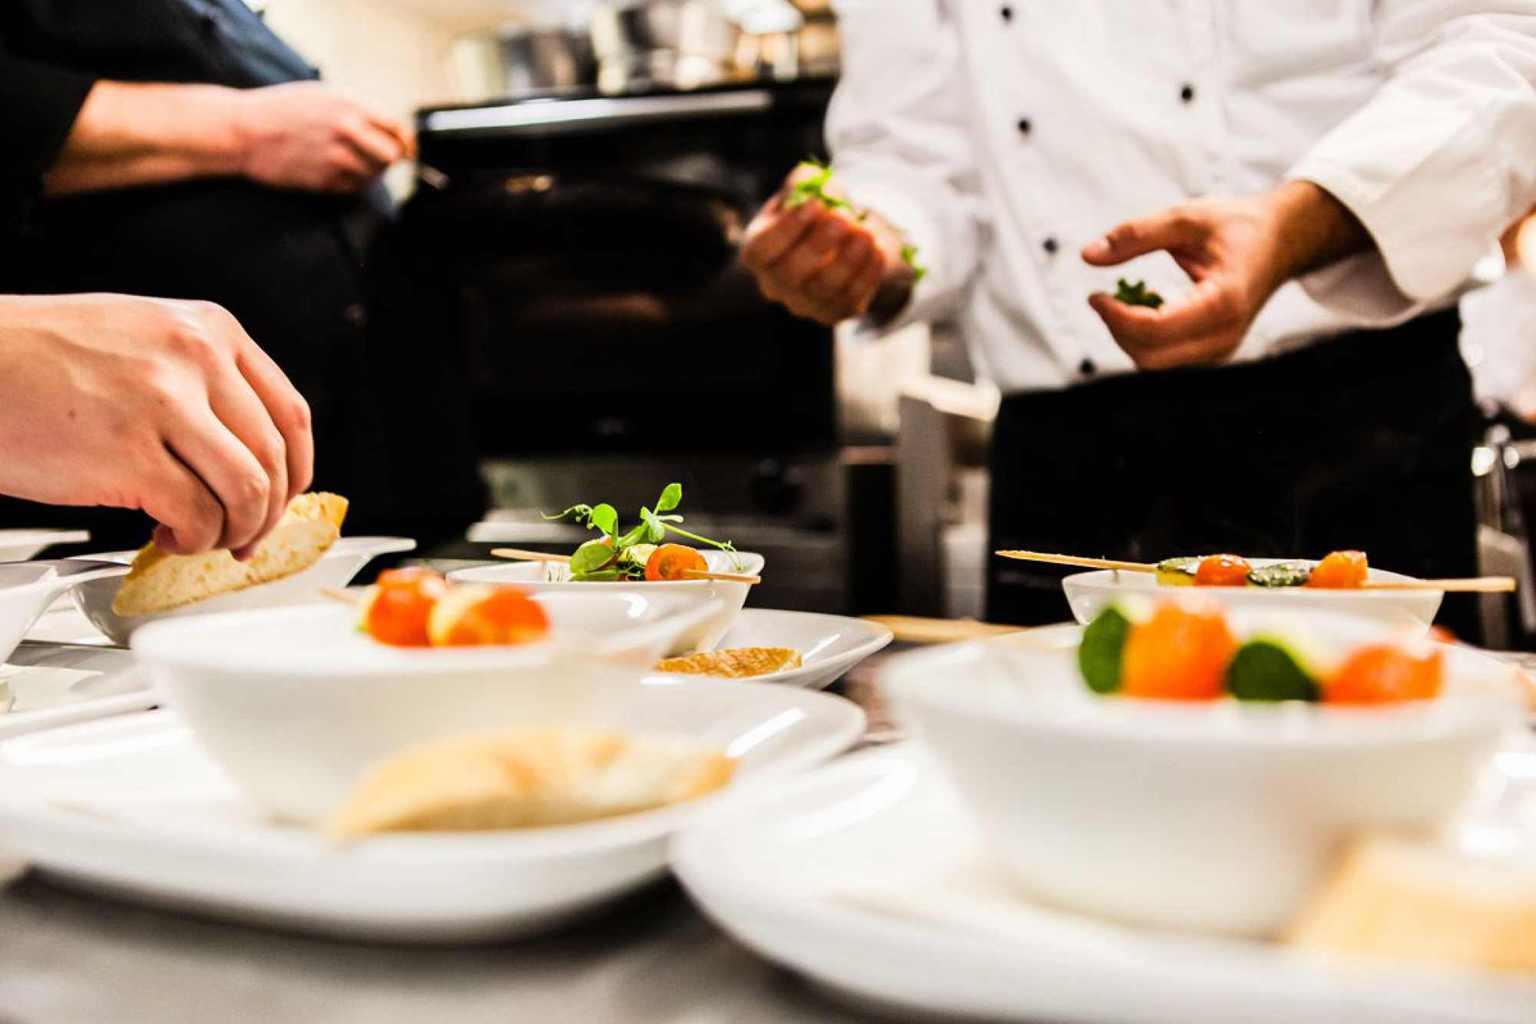 Lekkere gerechten op een bord in Restaurant Rausmühle in het Bergische Land